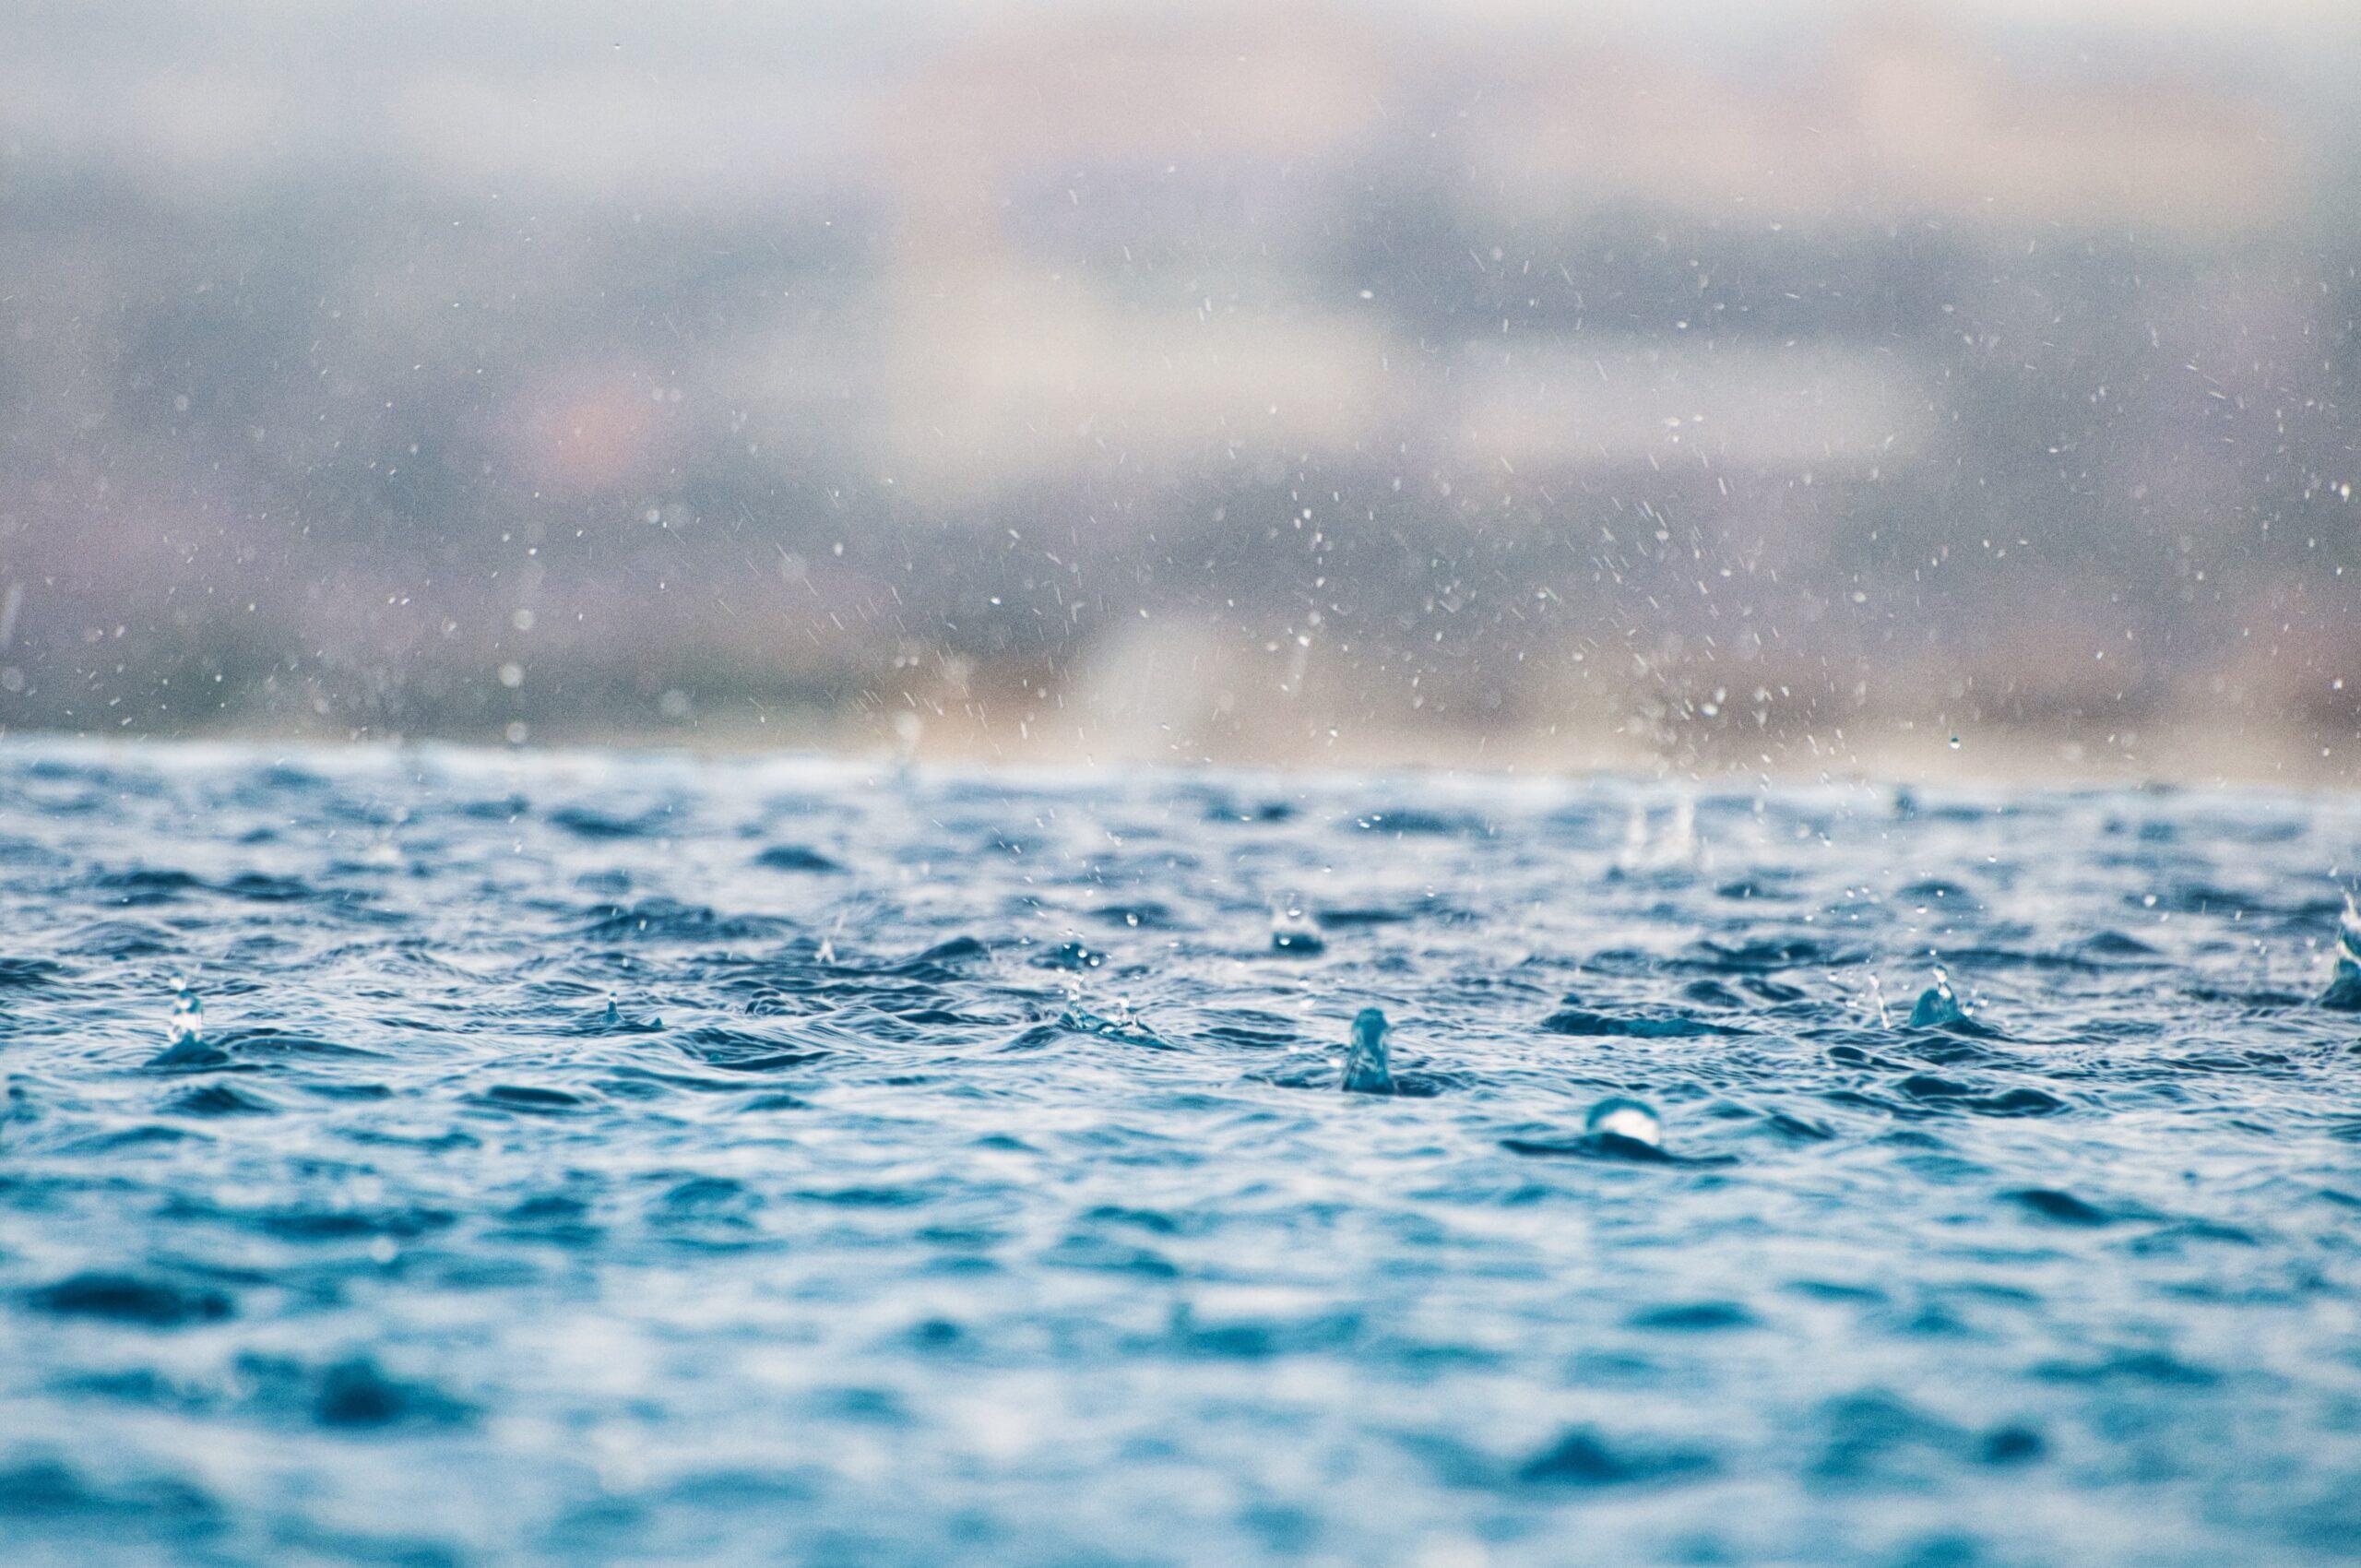 シンガポールで水問題が起きる原因